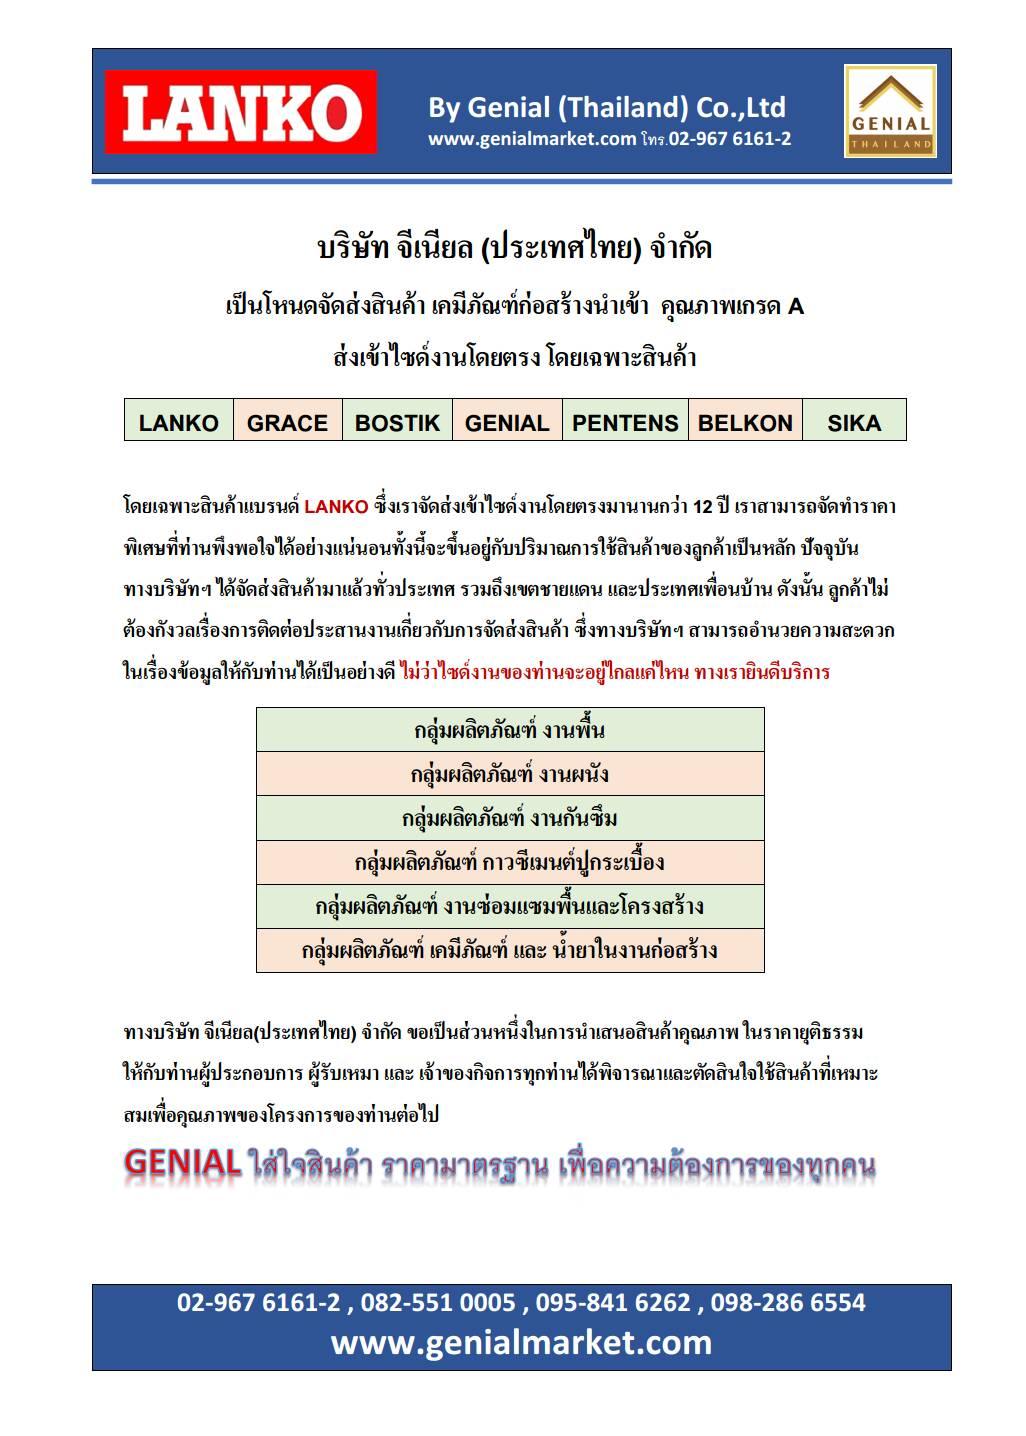 รูปภาพ บริษัท จีเนียล (ประเทศไทย) จำกัด